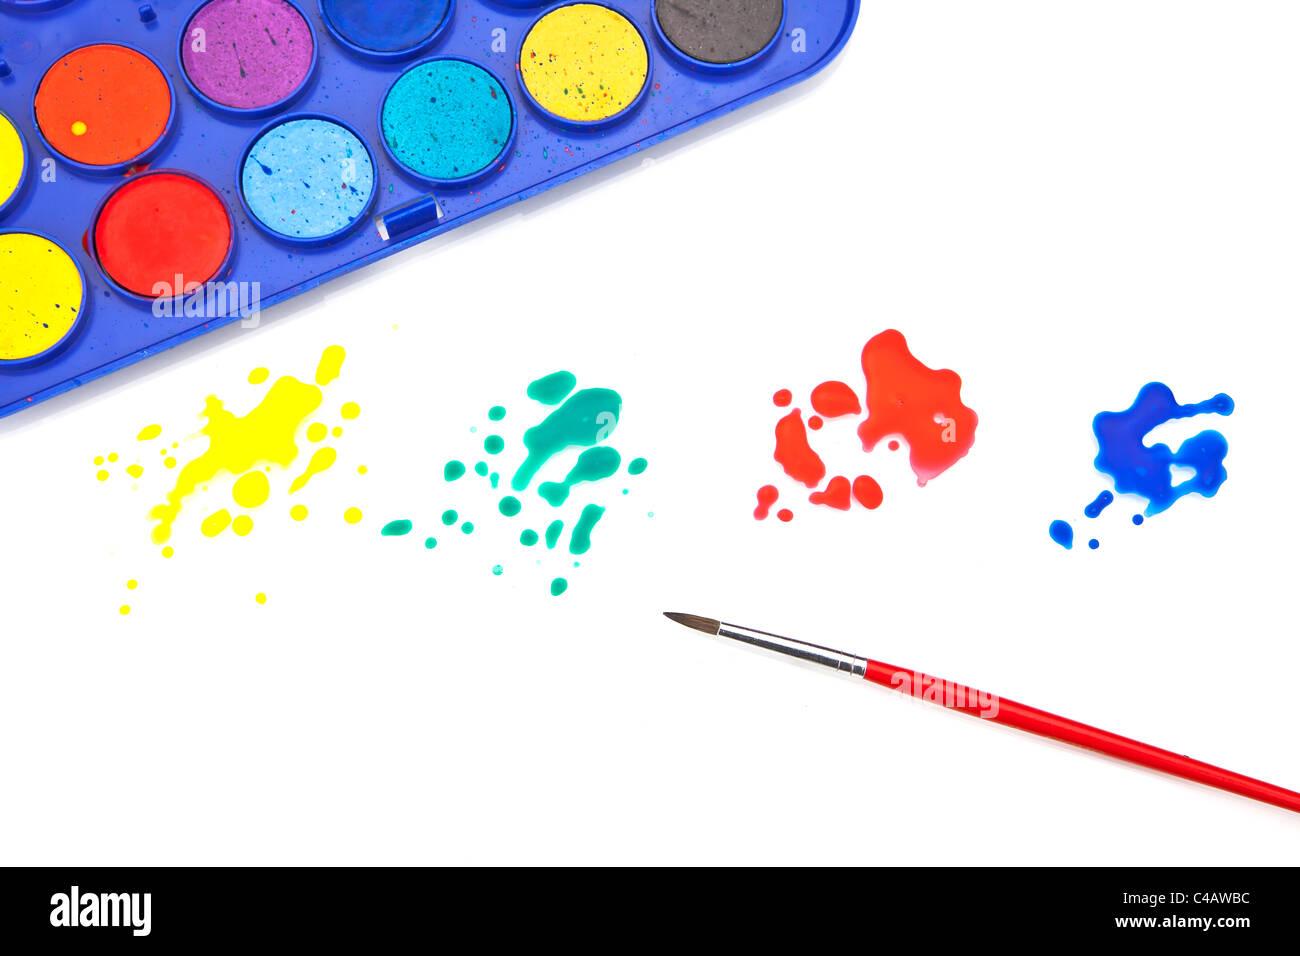 Spritzer von Farbe und einen Malkasten mit Wasserfarben und Pinsel Stockbild